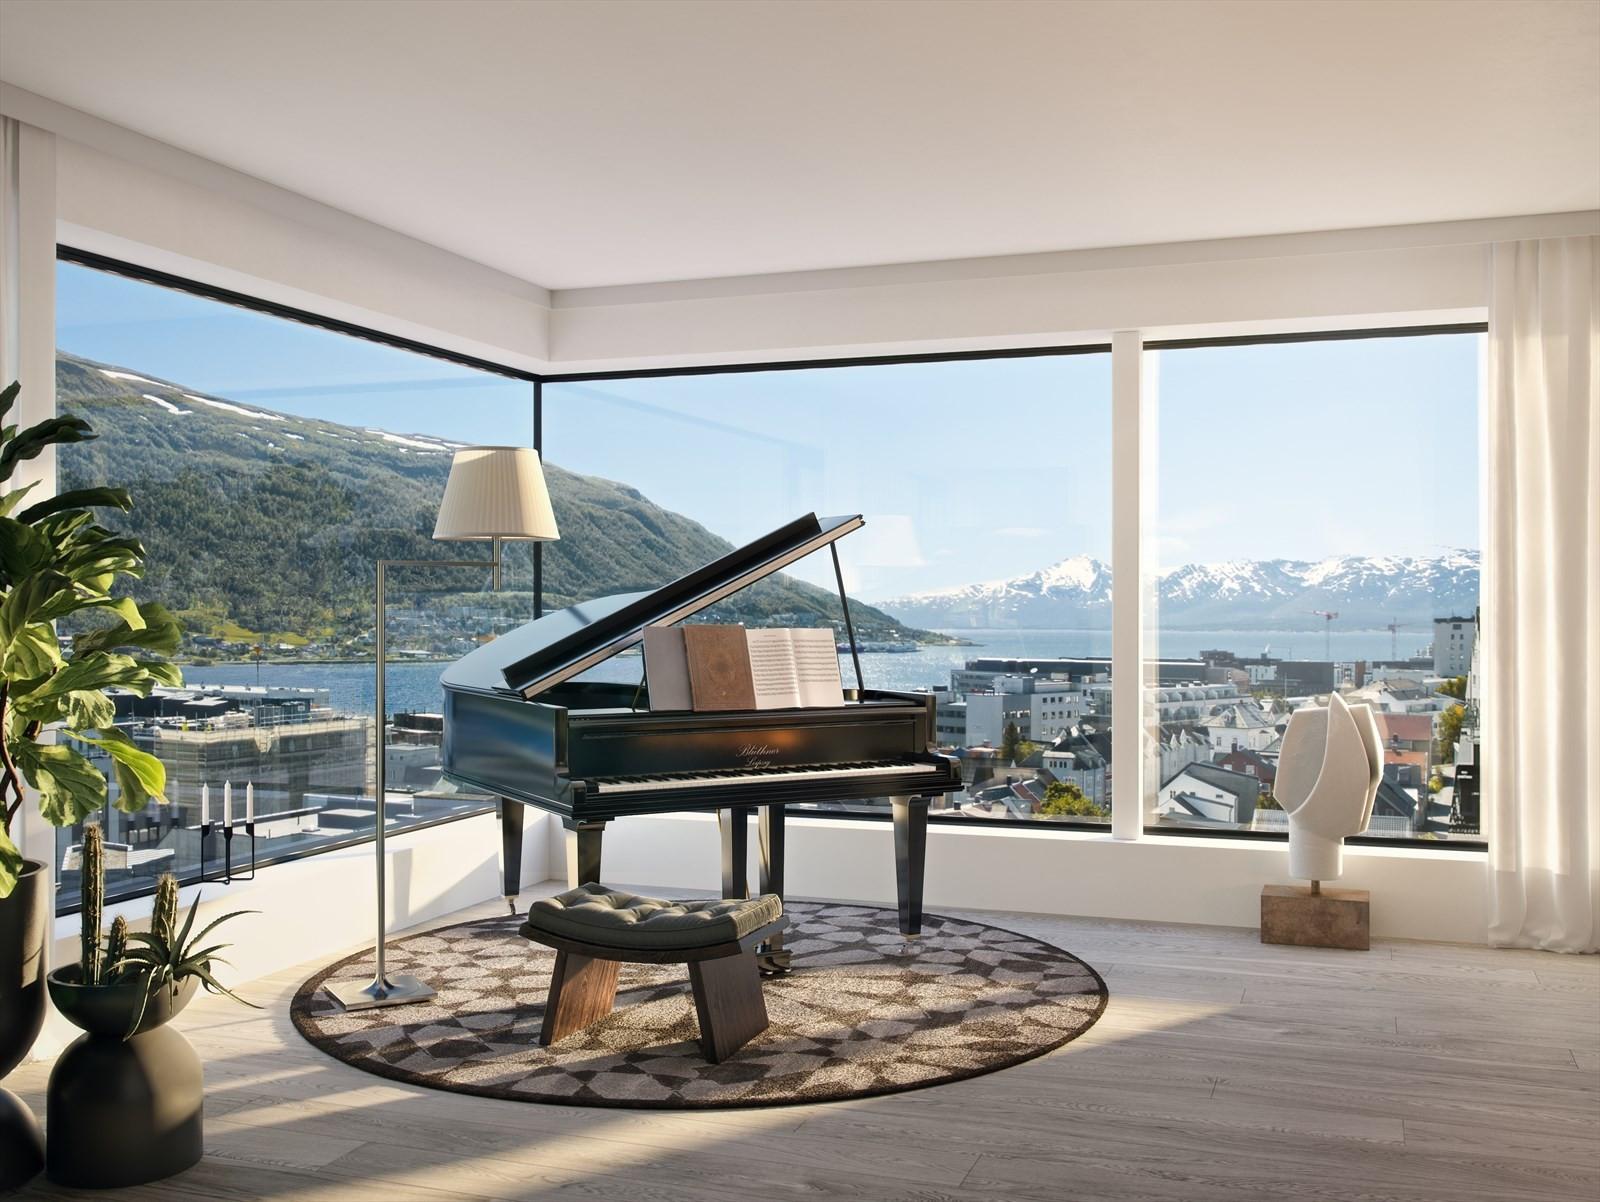 Velkommen - Stue i leilighet 901 med utsikt mot Tromsdalen, byen og sundet.